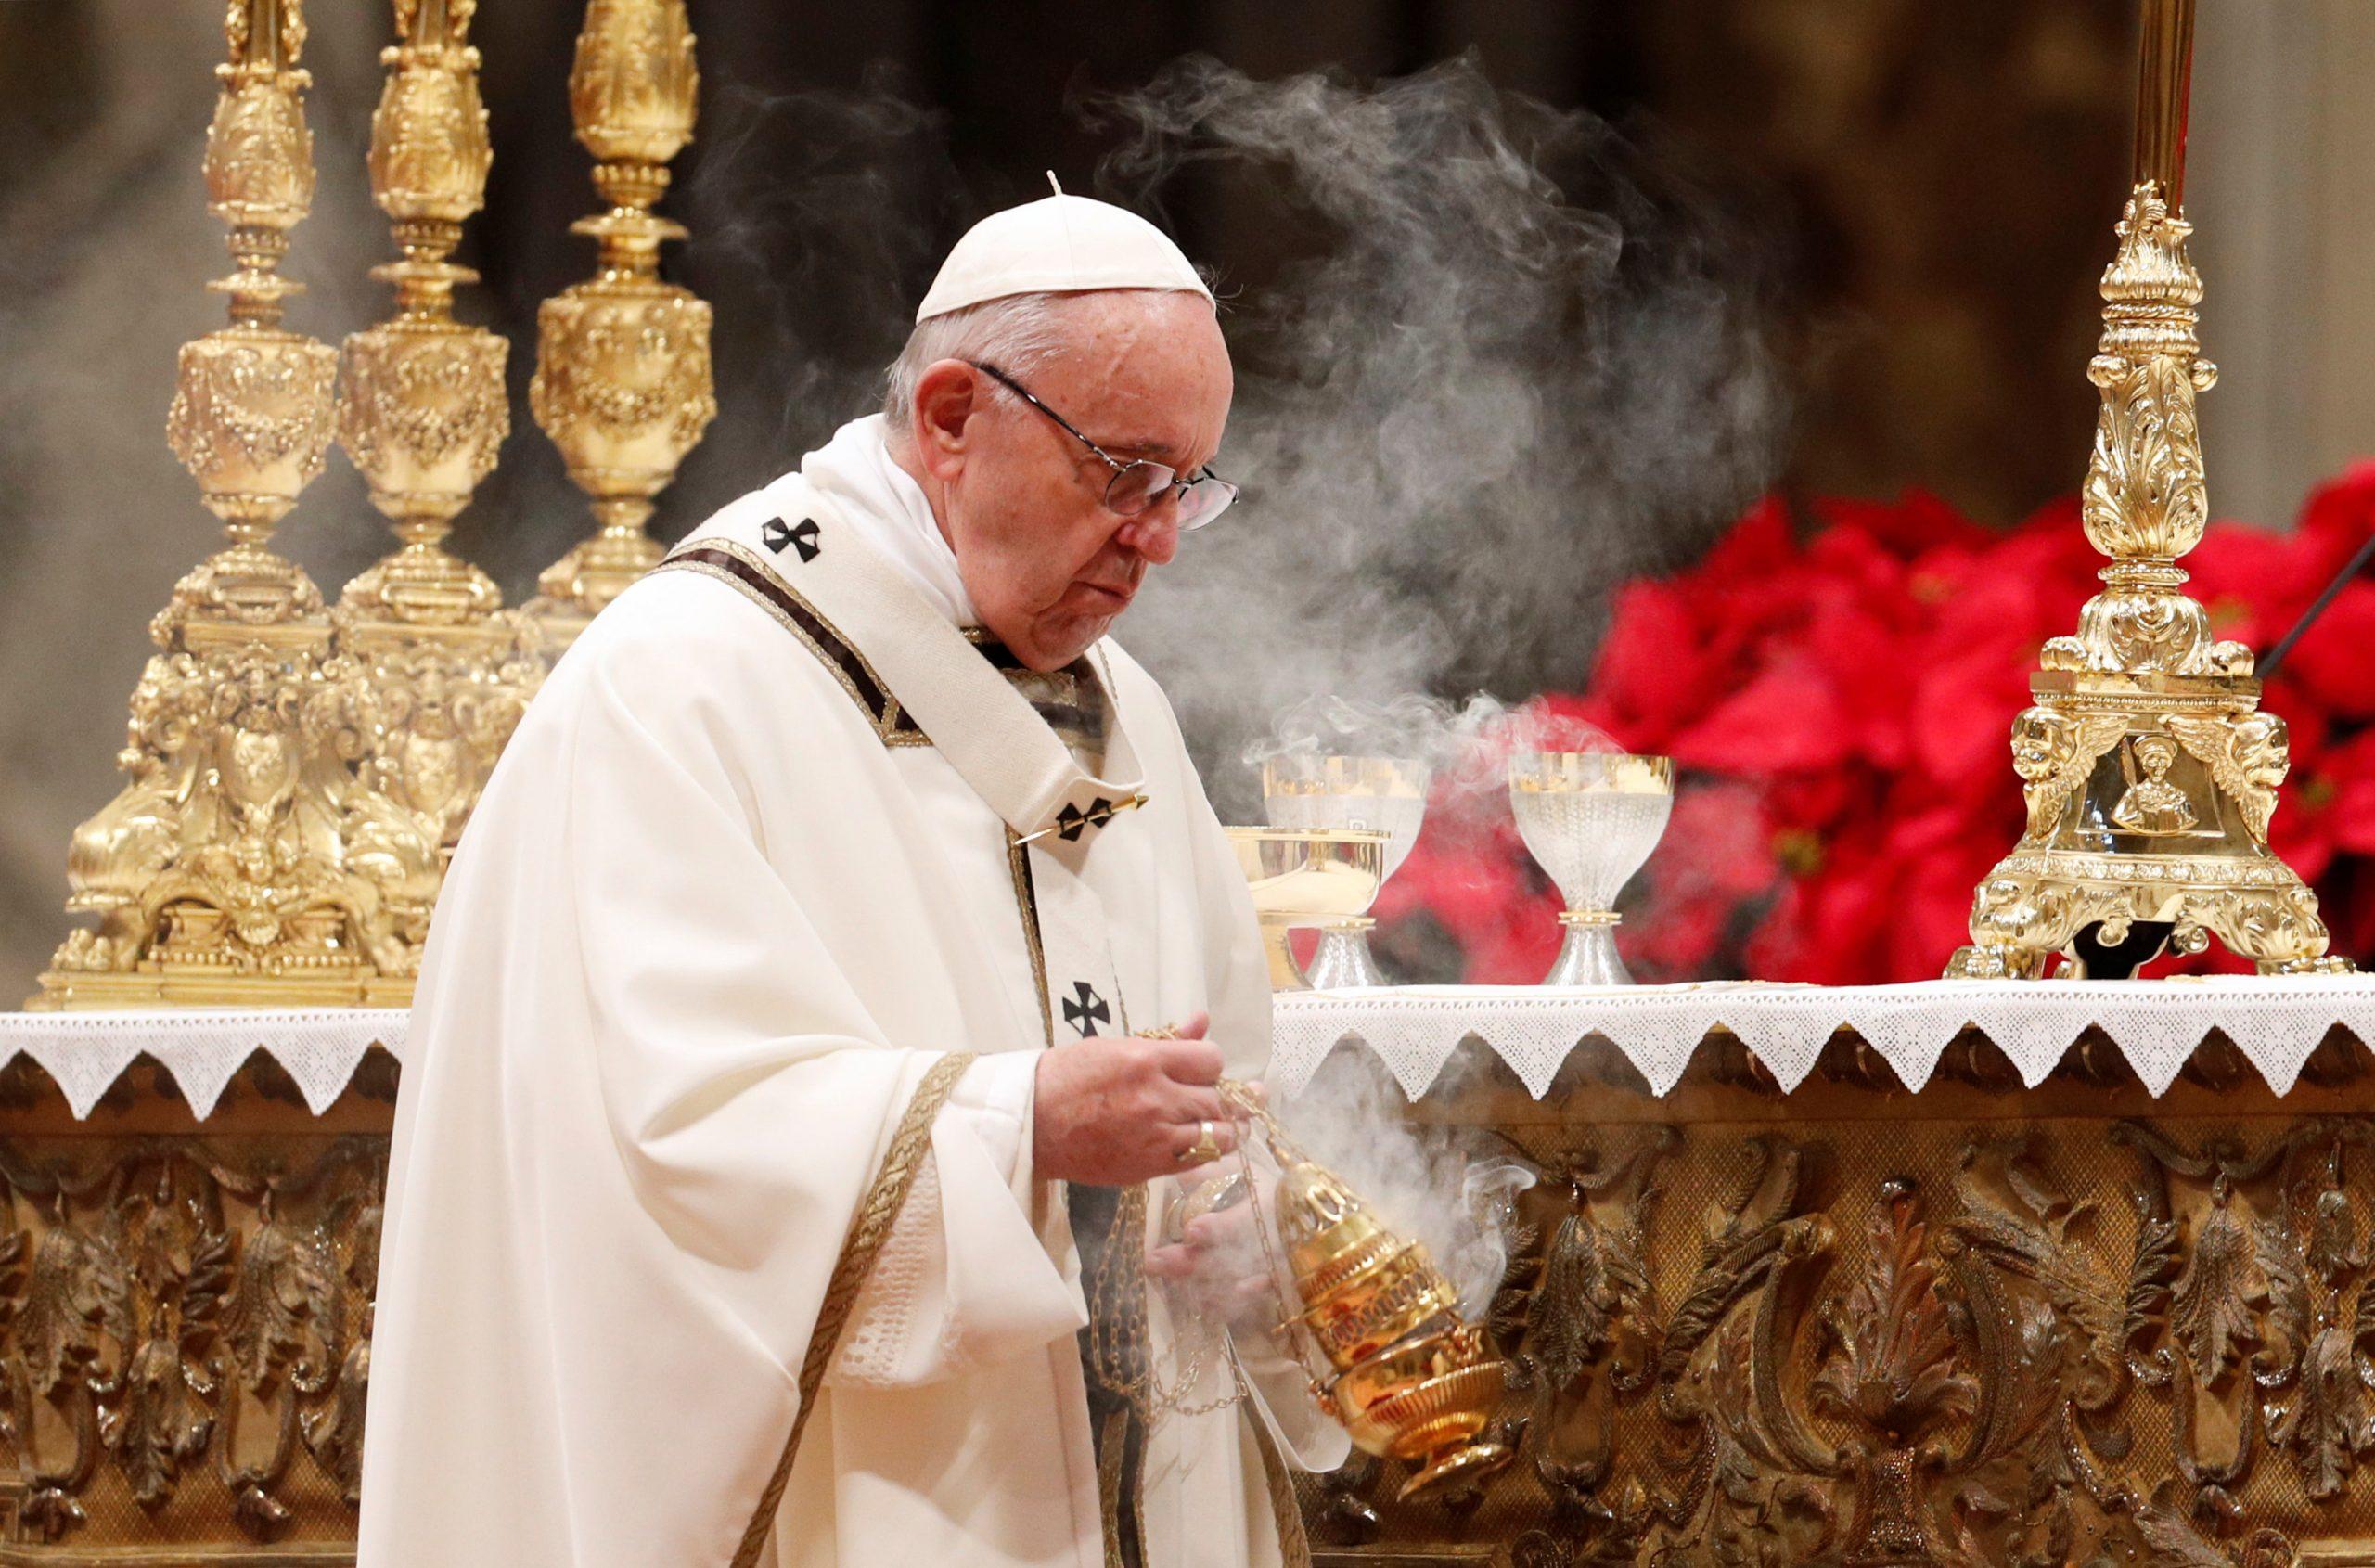 البابا فرنسيس يدعو قادة أوروبا للسماح بدخول مهاجرين تقطعت بهم السبل في البحر